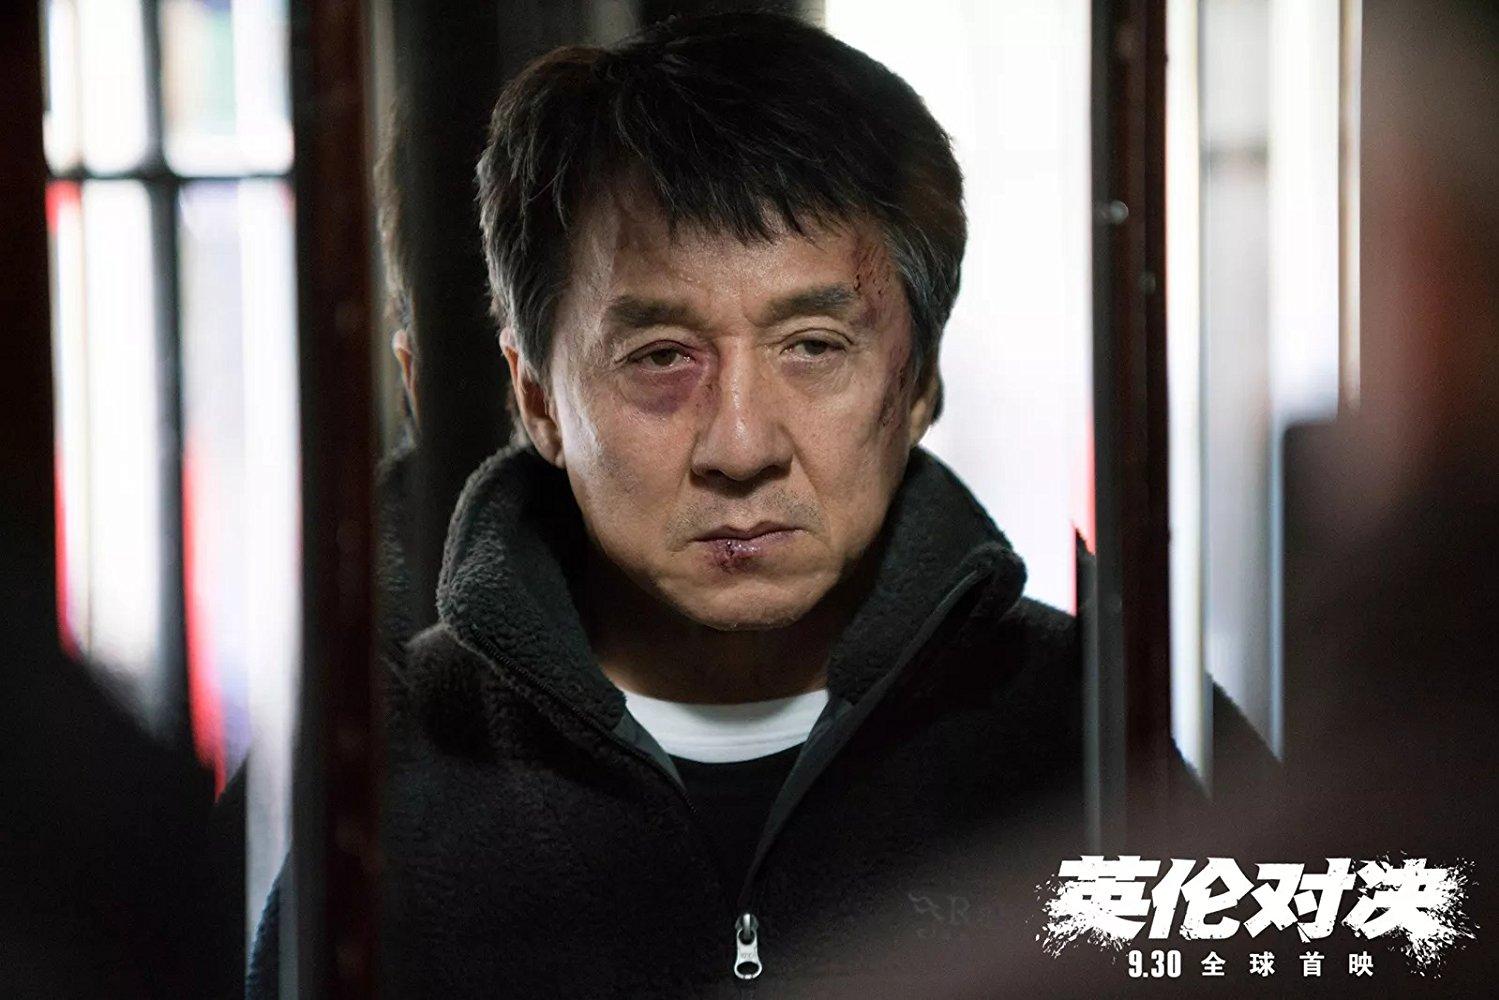 جکی چان در یک فیلم اکشن